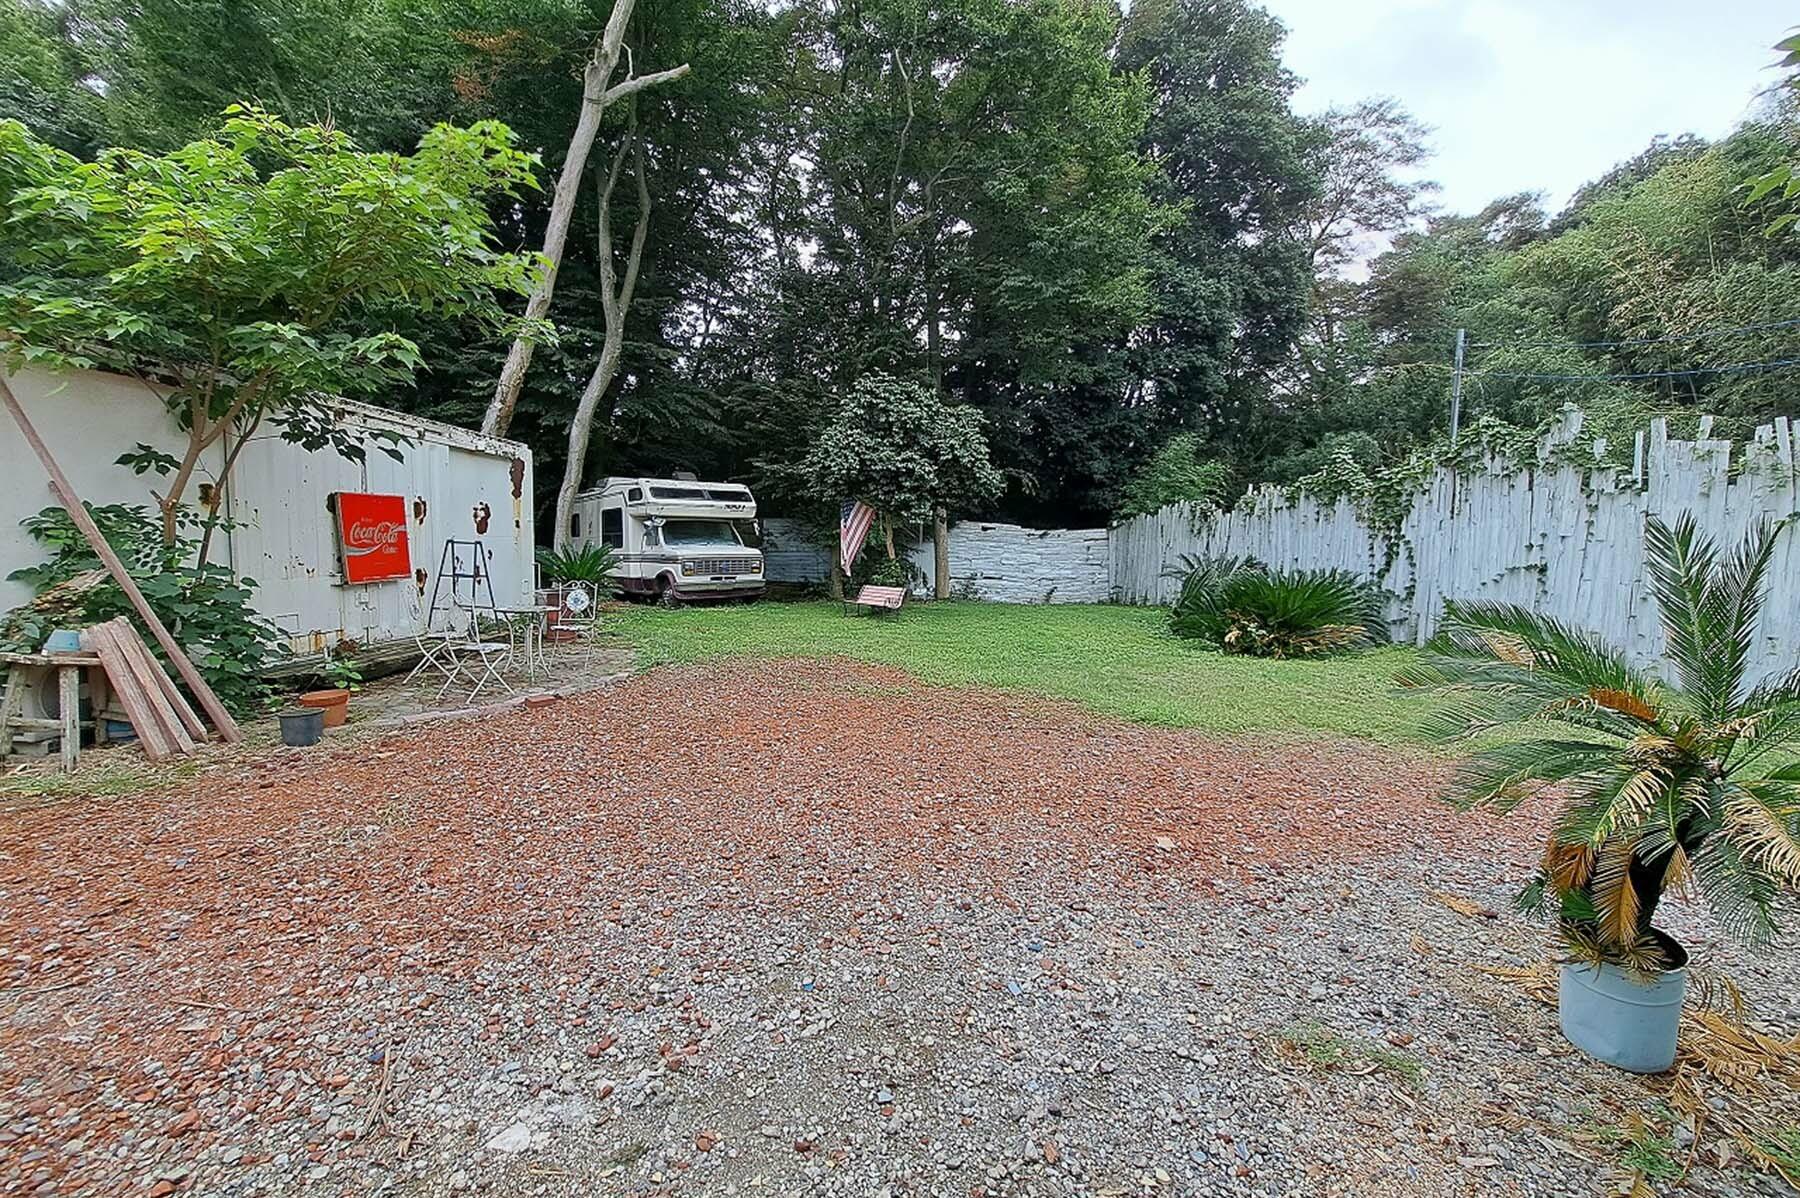 Joining studio (ジョイニング スタジオ)太めの木が多く生えてます。